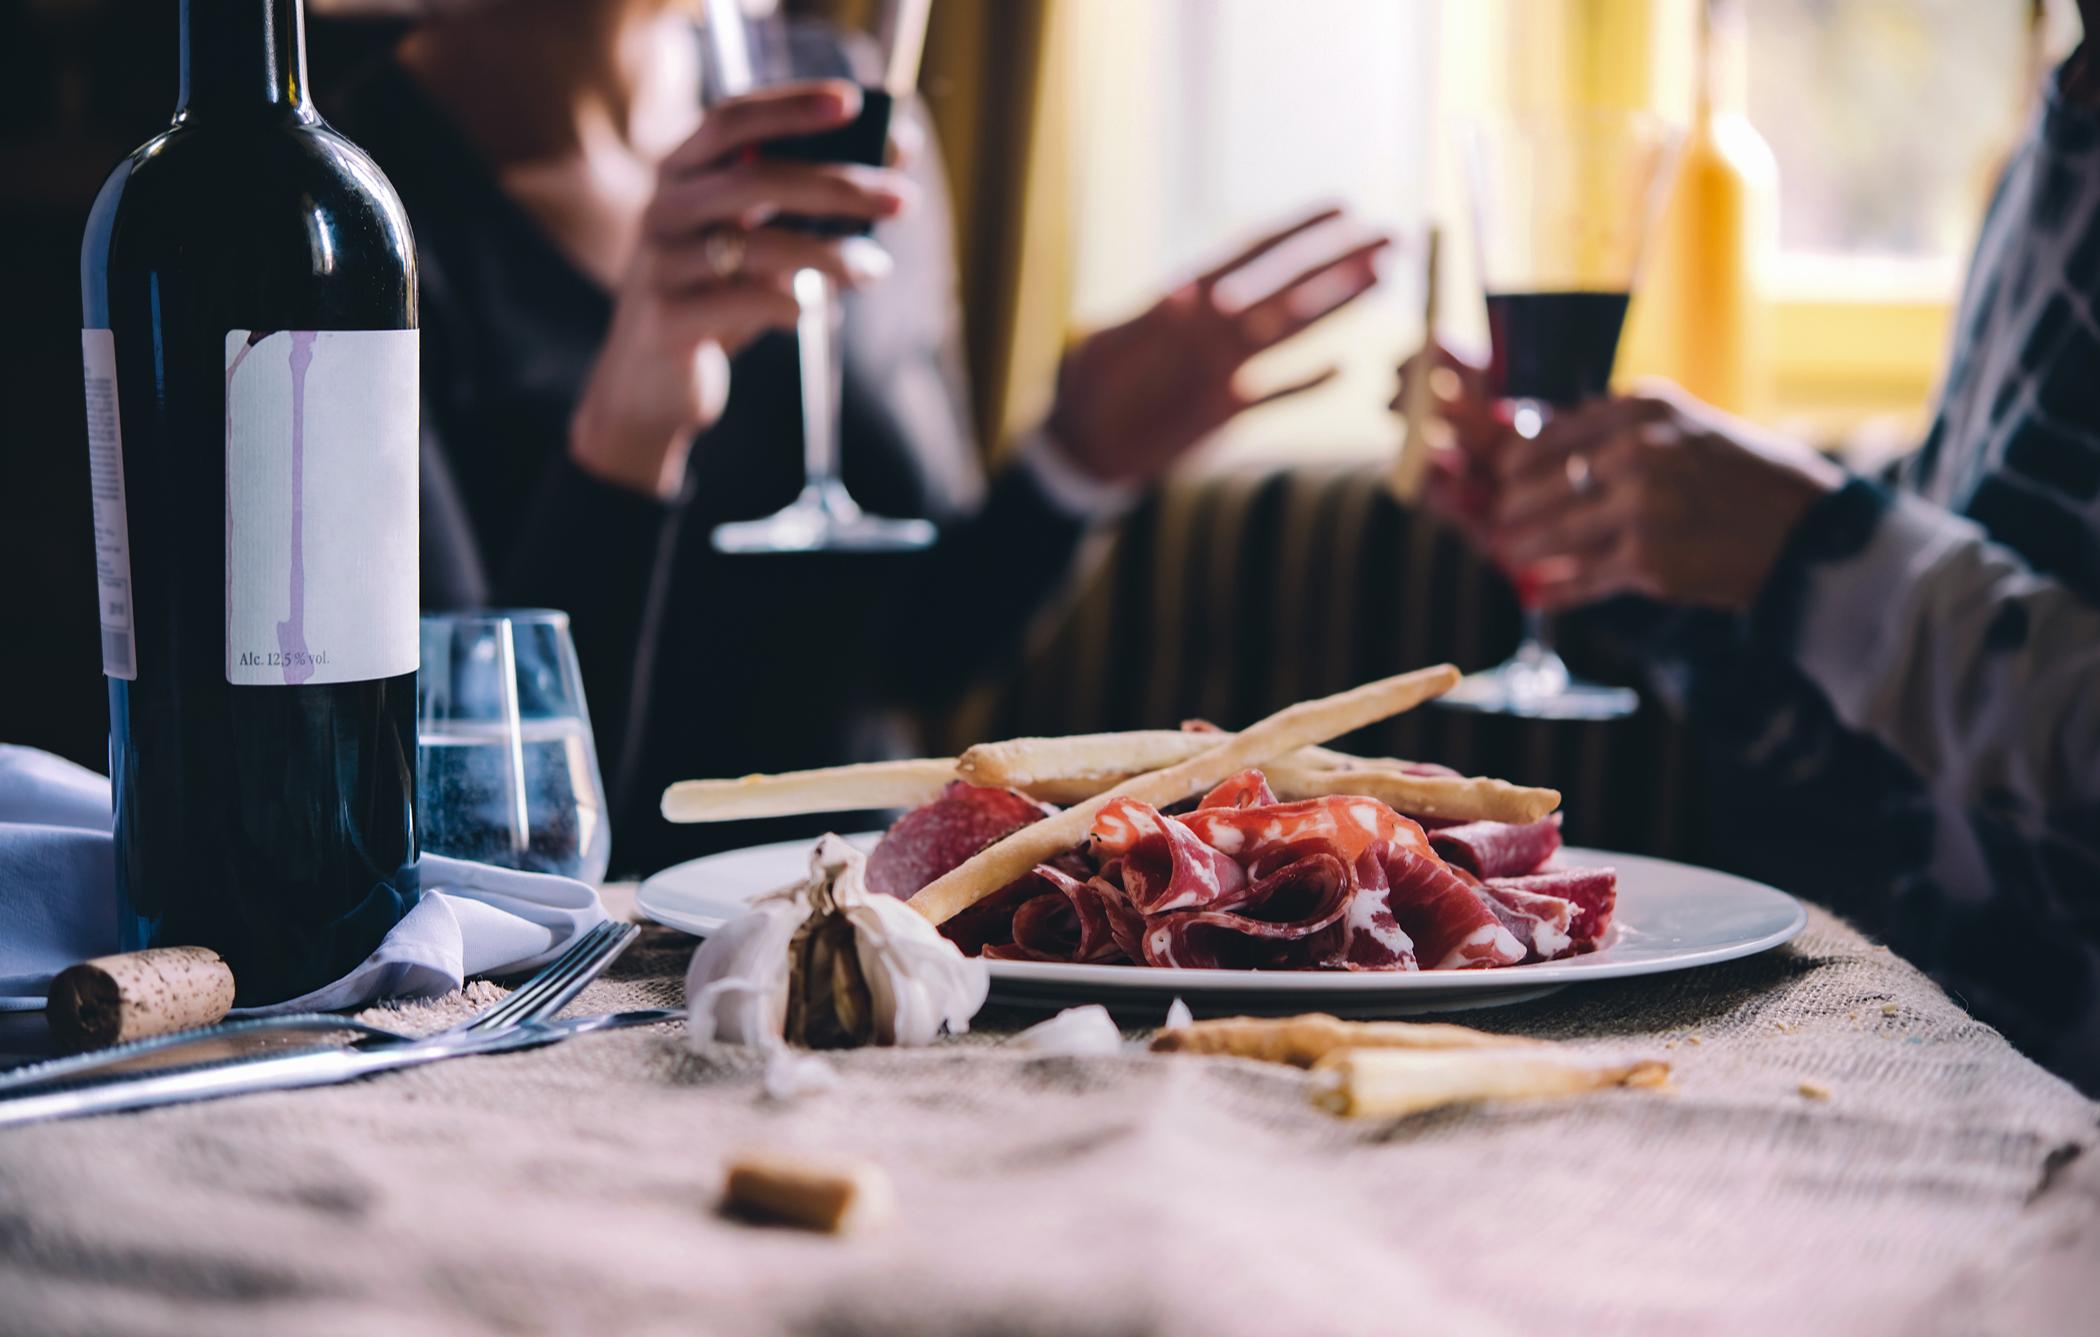 erlebnisrestaurant-stuttgart-bg1